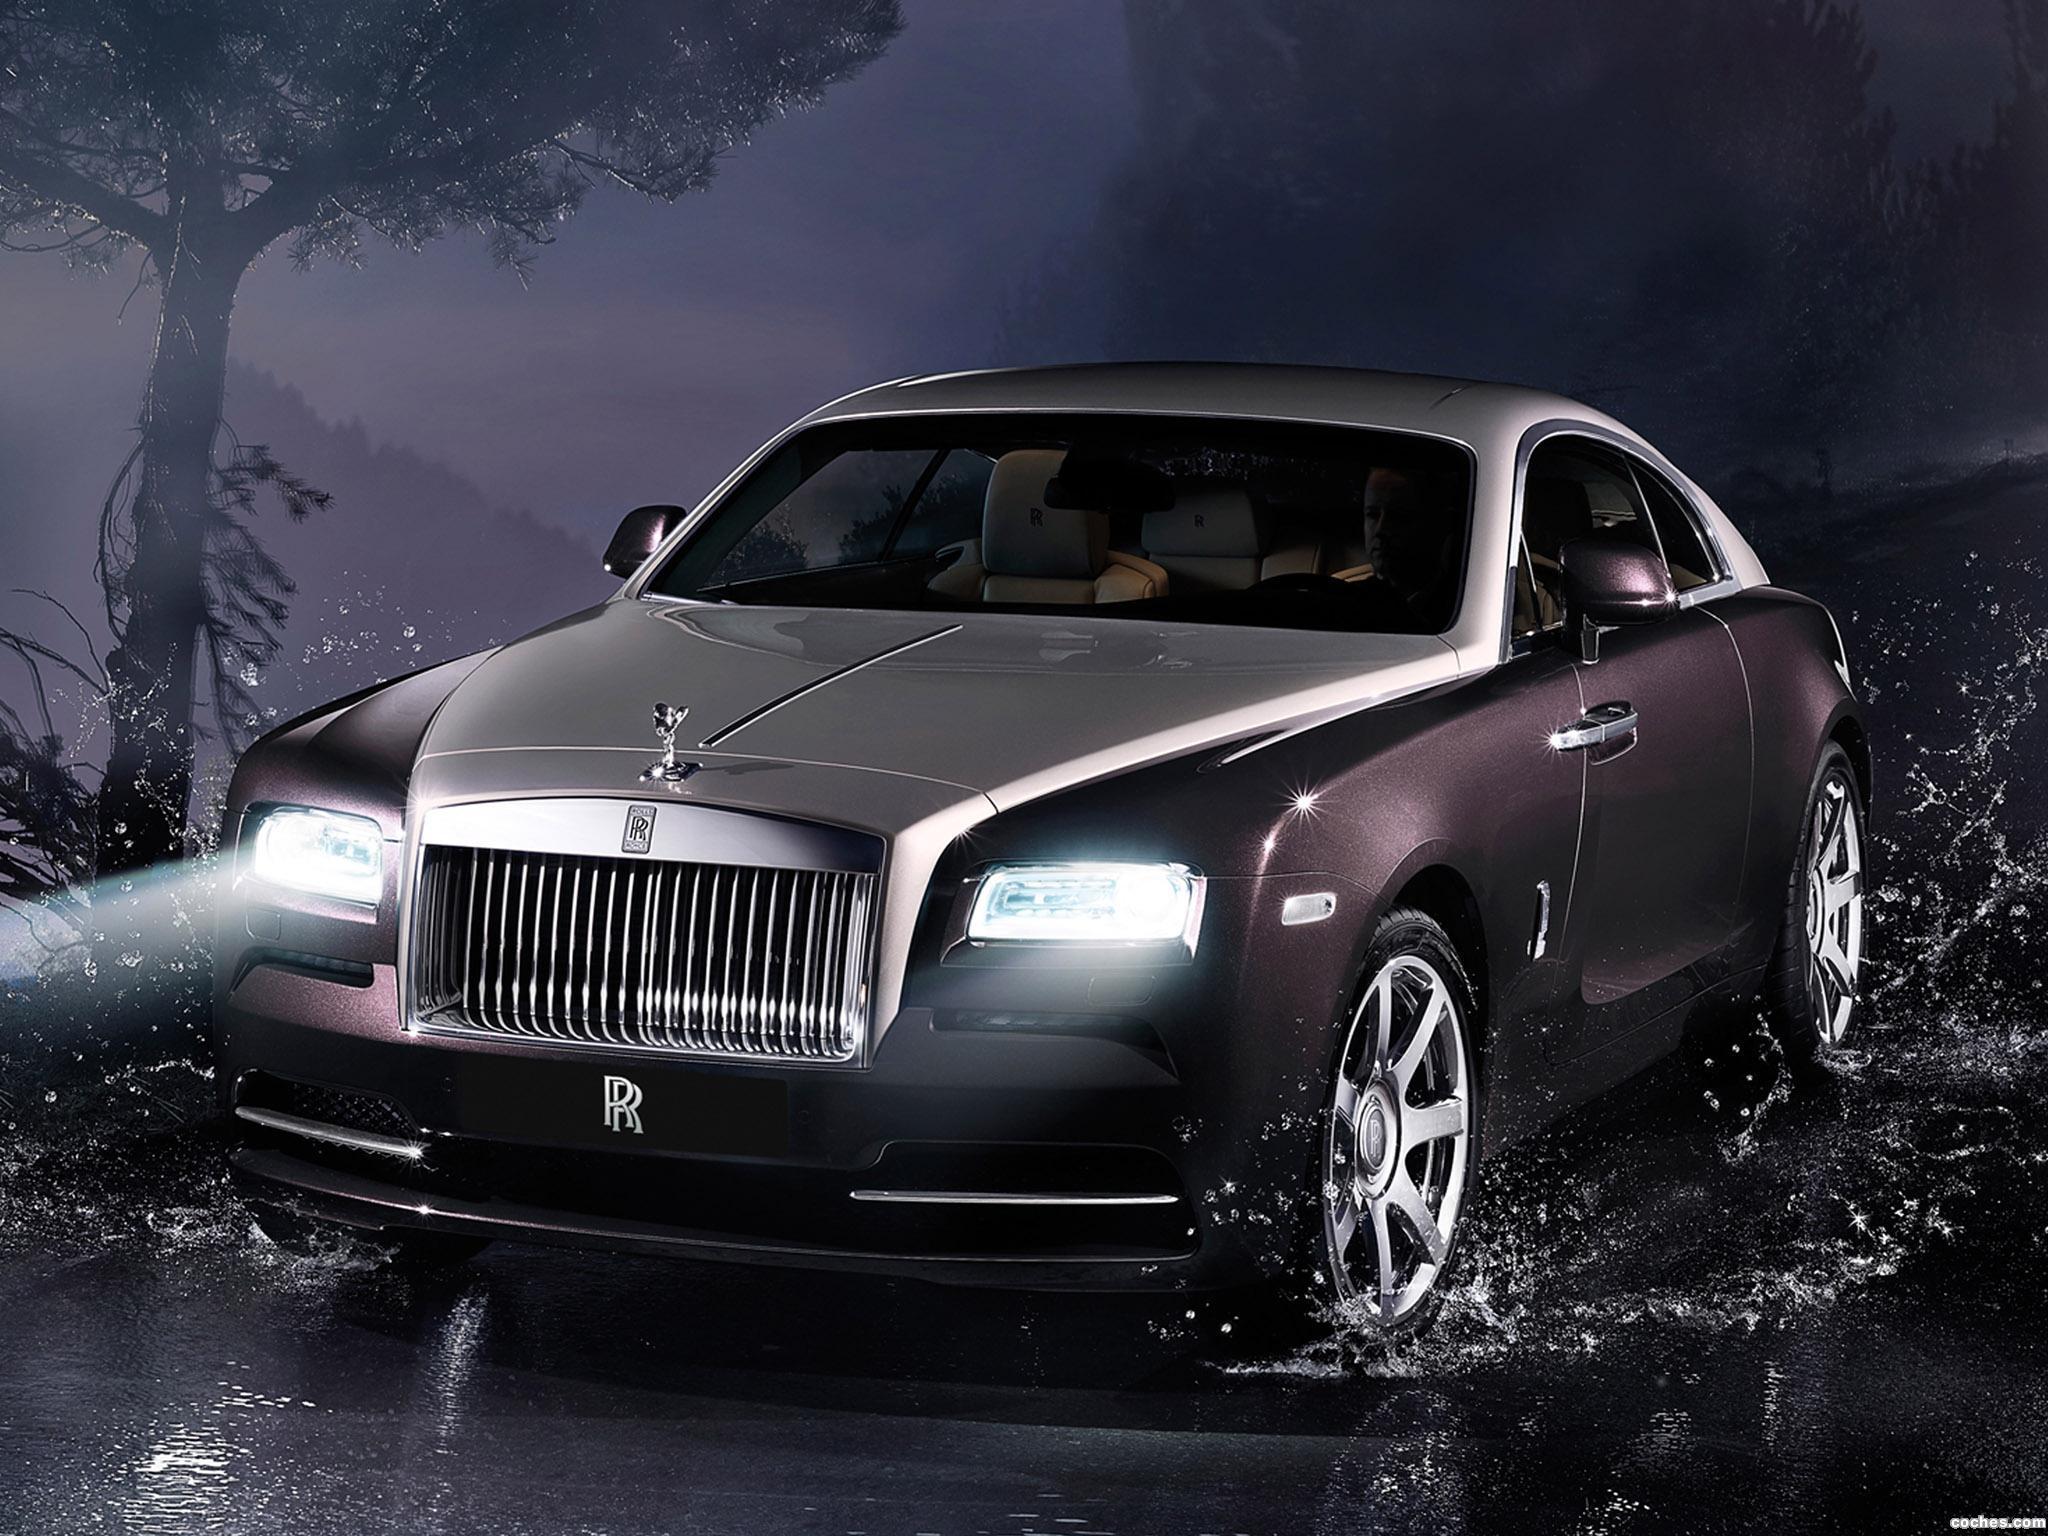 Foto 0 de Rolls Royce Wraith 2013